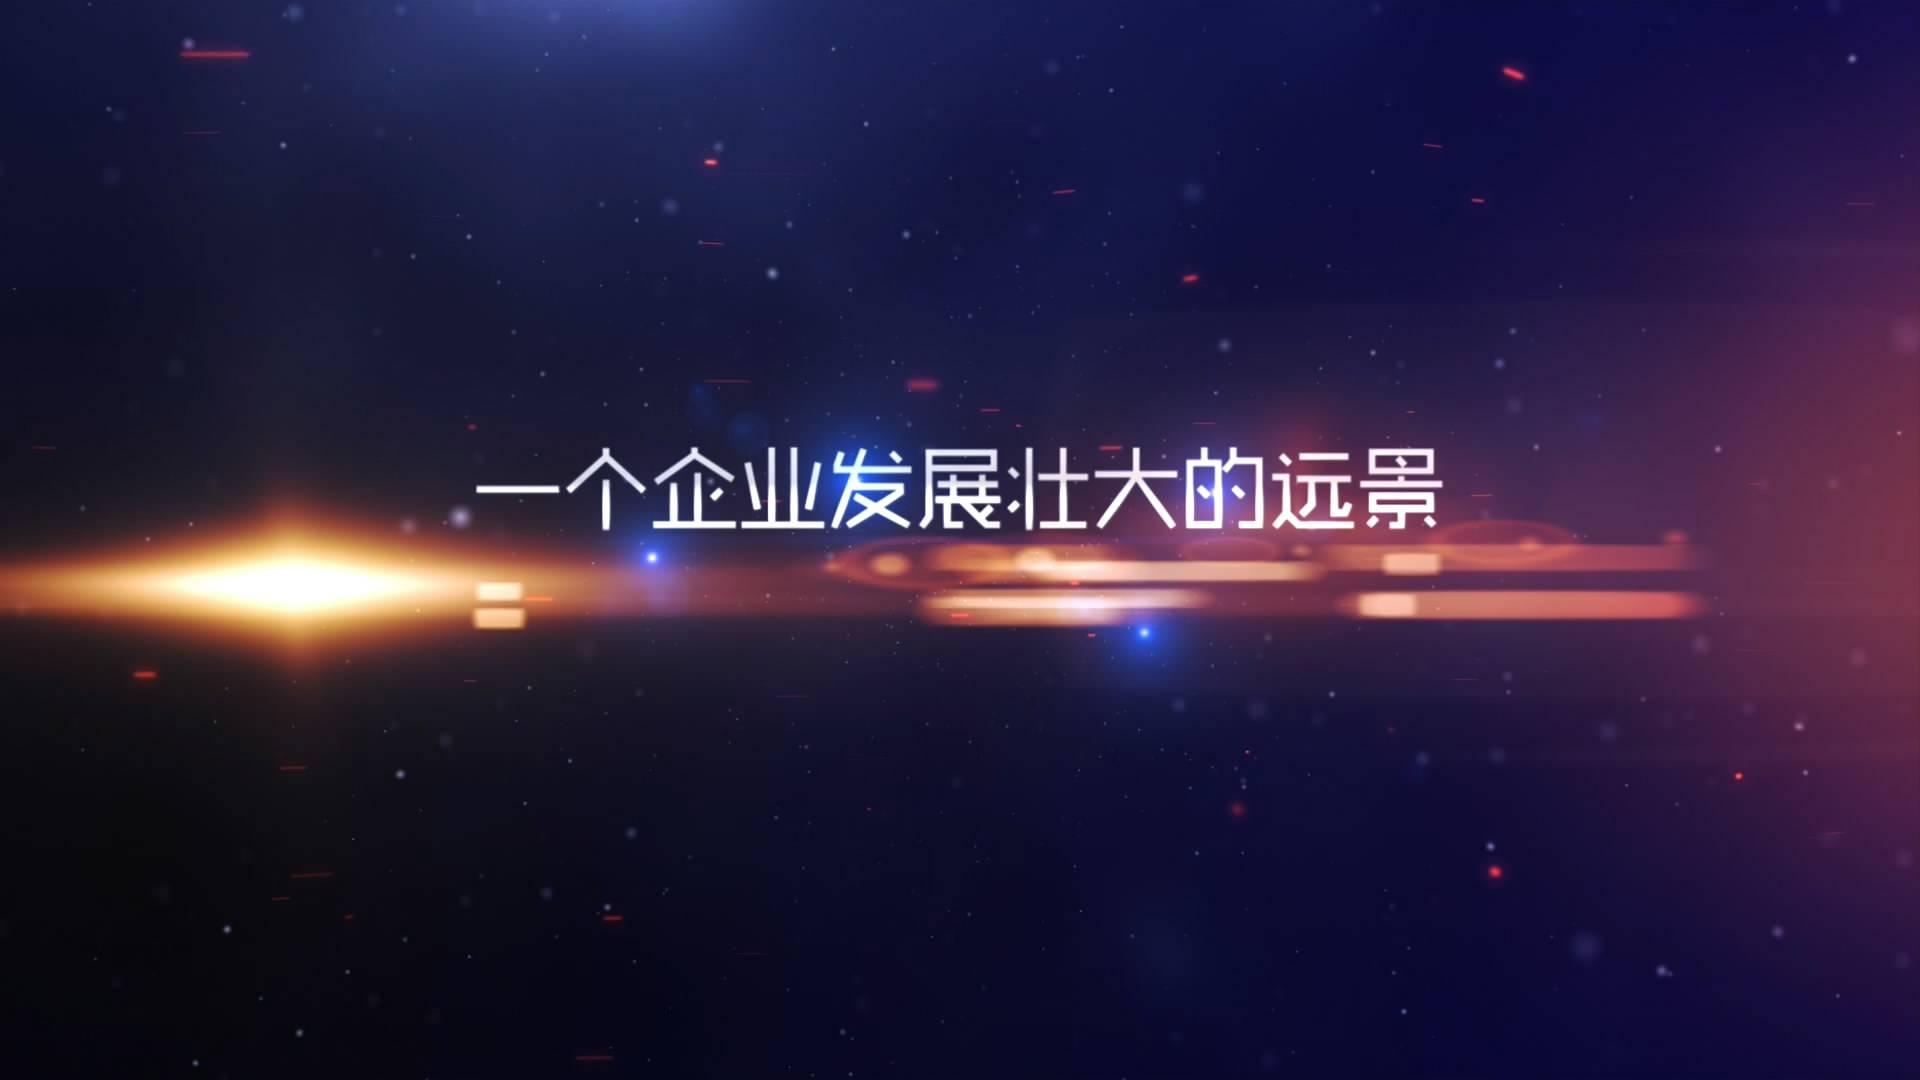 赢战2019企业宣传年会片头